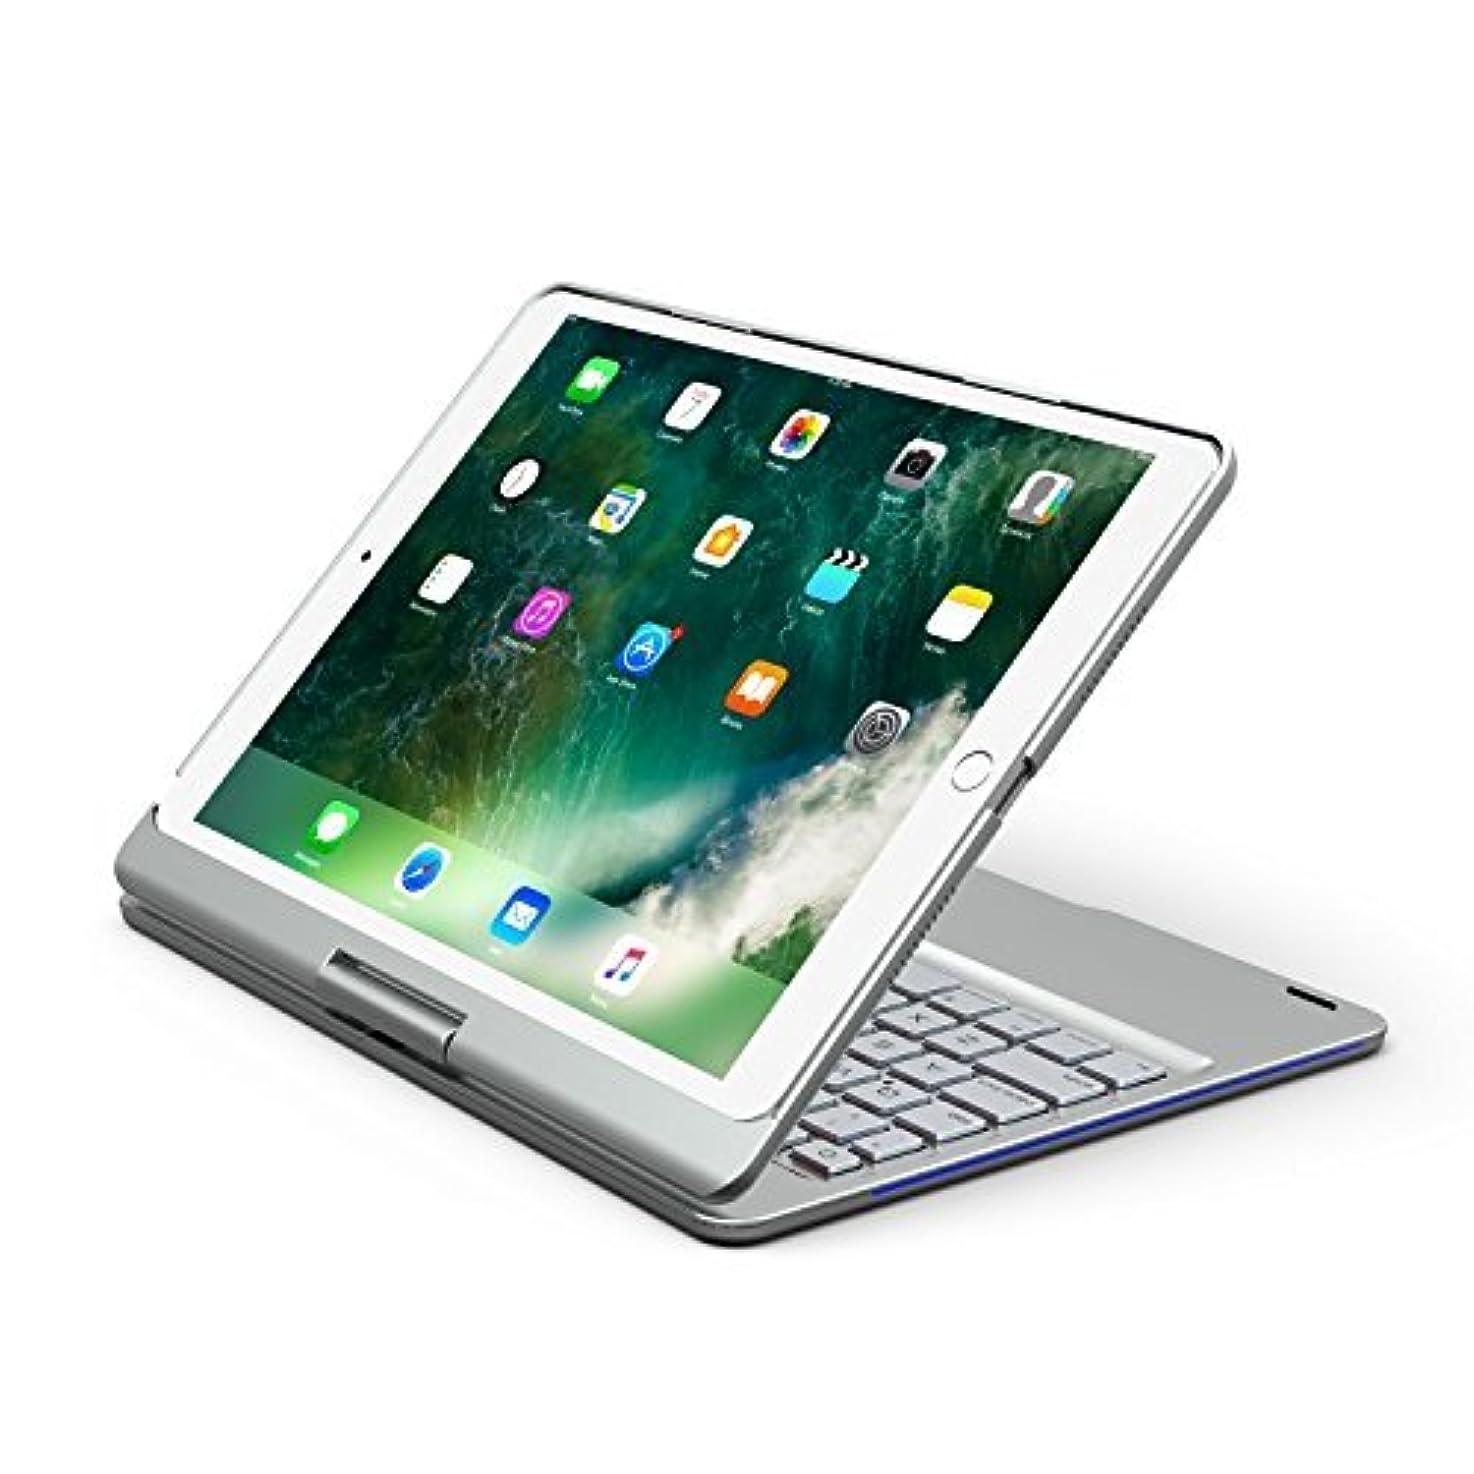 最近枢機卿コレクションiPad Pro 10.5キーボードケース、businda 7色バックライト付きキーボードケースカバー360 °回転スマートキーボードケース/スリープ付きiPad Pro 10.5 2017 New iPad シルバー